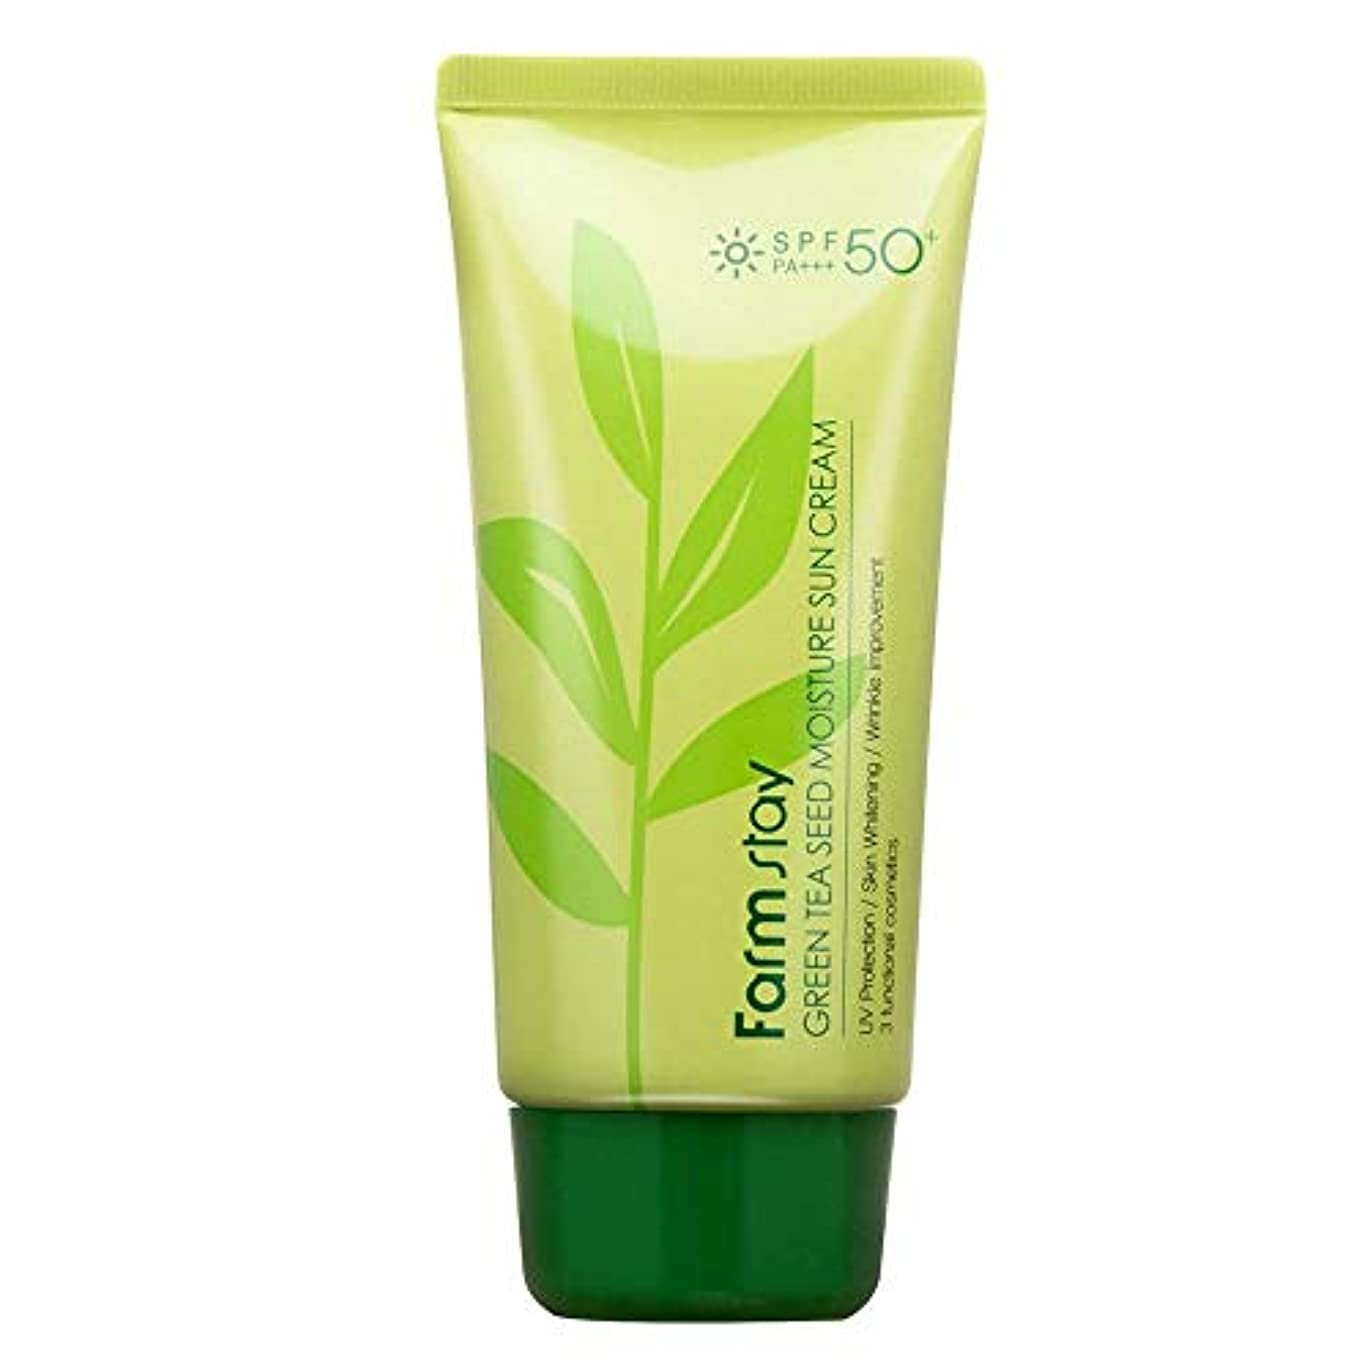 根絶する中毒青ファームステイ[Farm Stay] グリーンティーシードモイスチャーサンクリーム 70g (美白&しわ防止) / Green Tea Seed Moisture Sun Cream